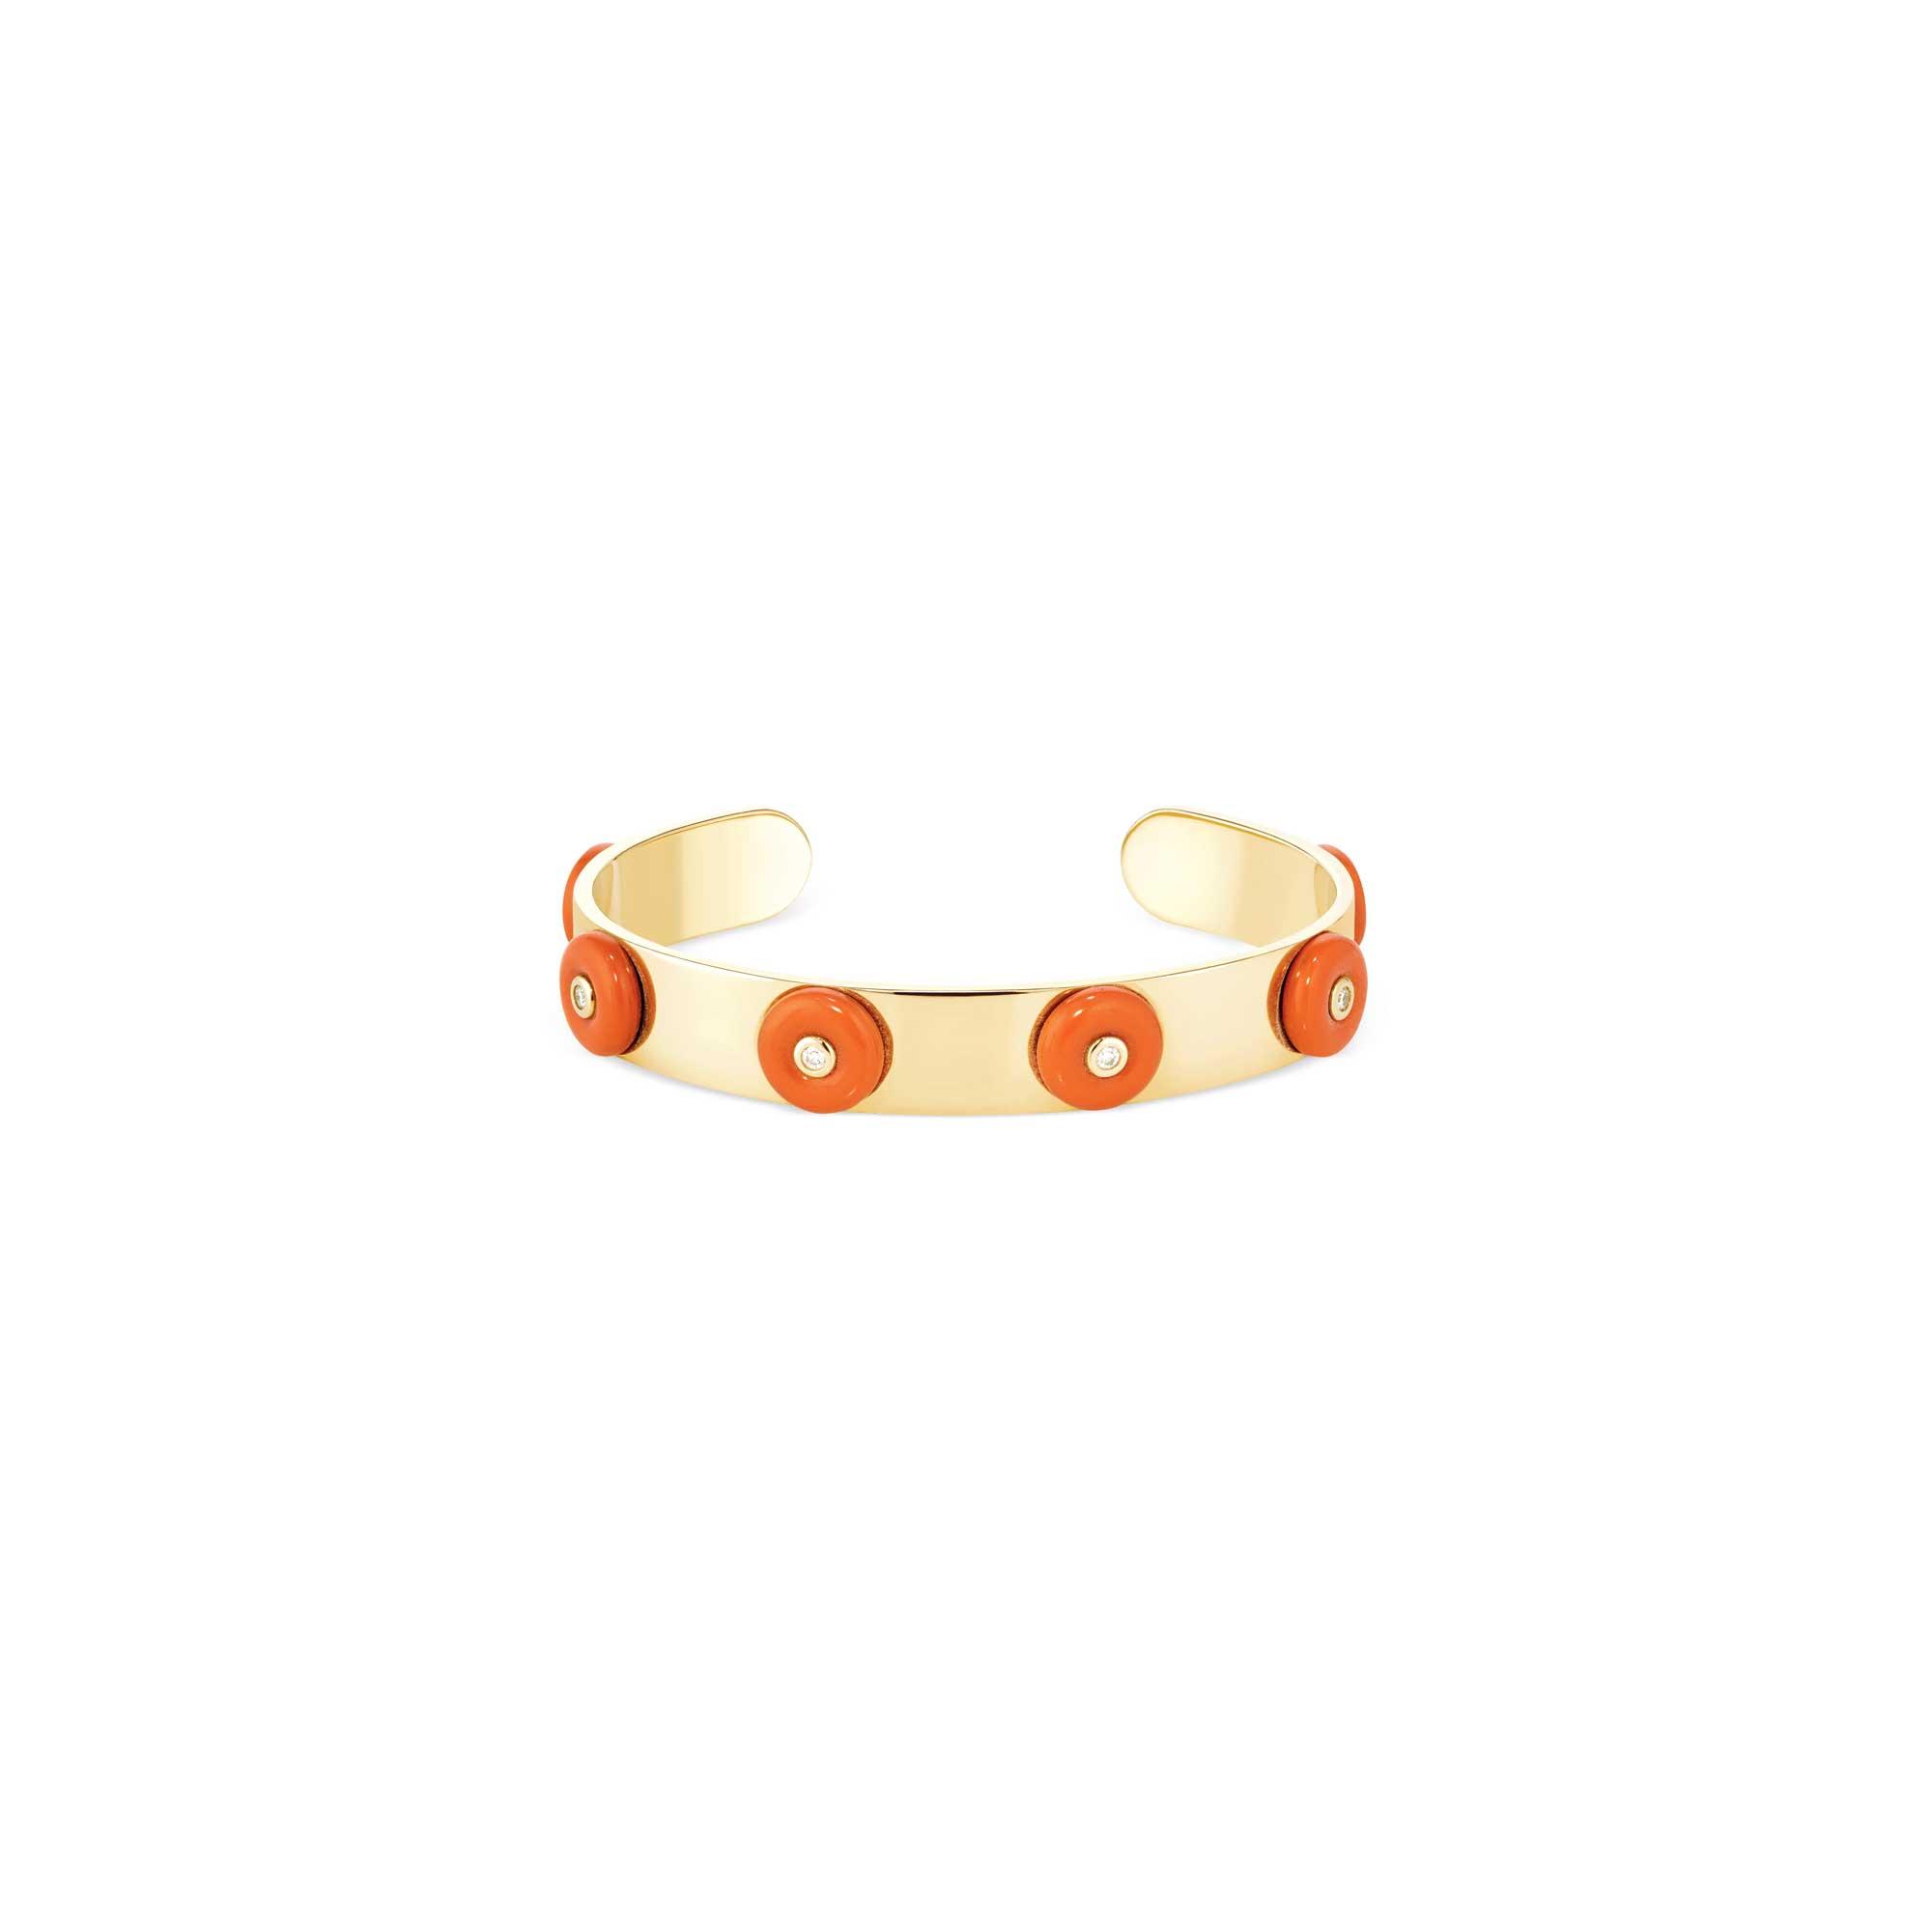 Yellow gold bracelet with coral & diamonds 6 buoys - Canaglia Paris-milan fine jewelry